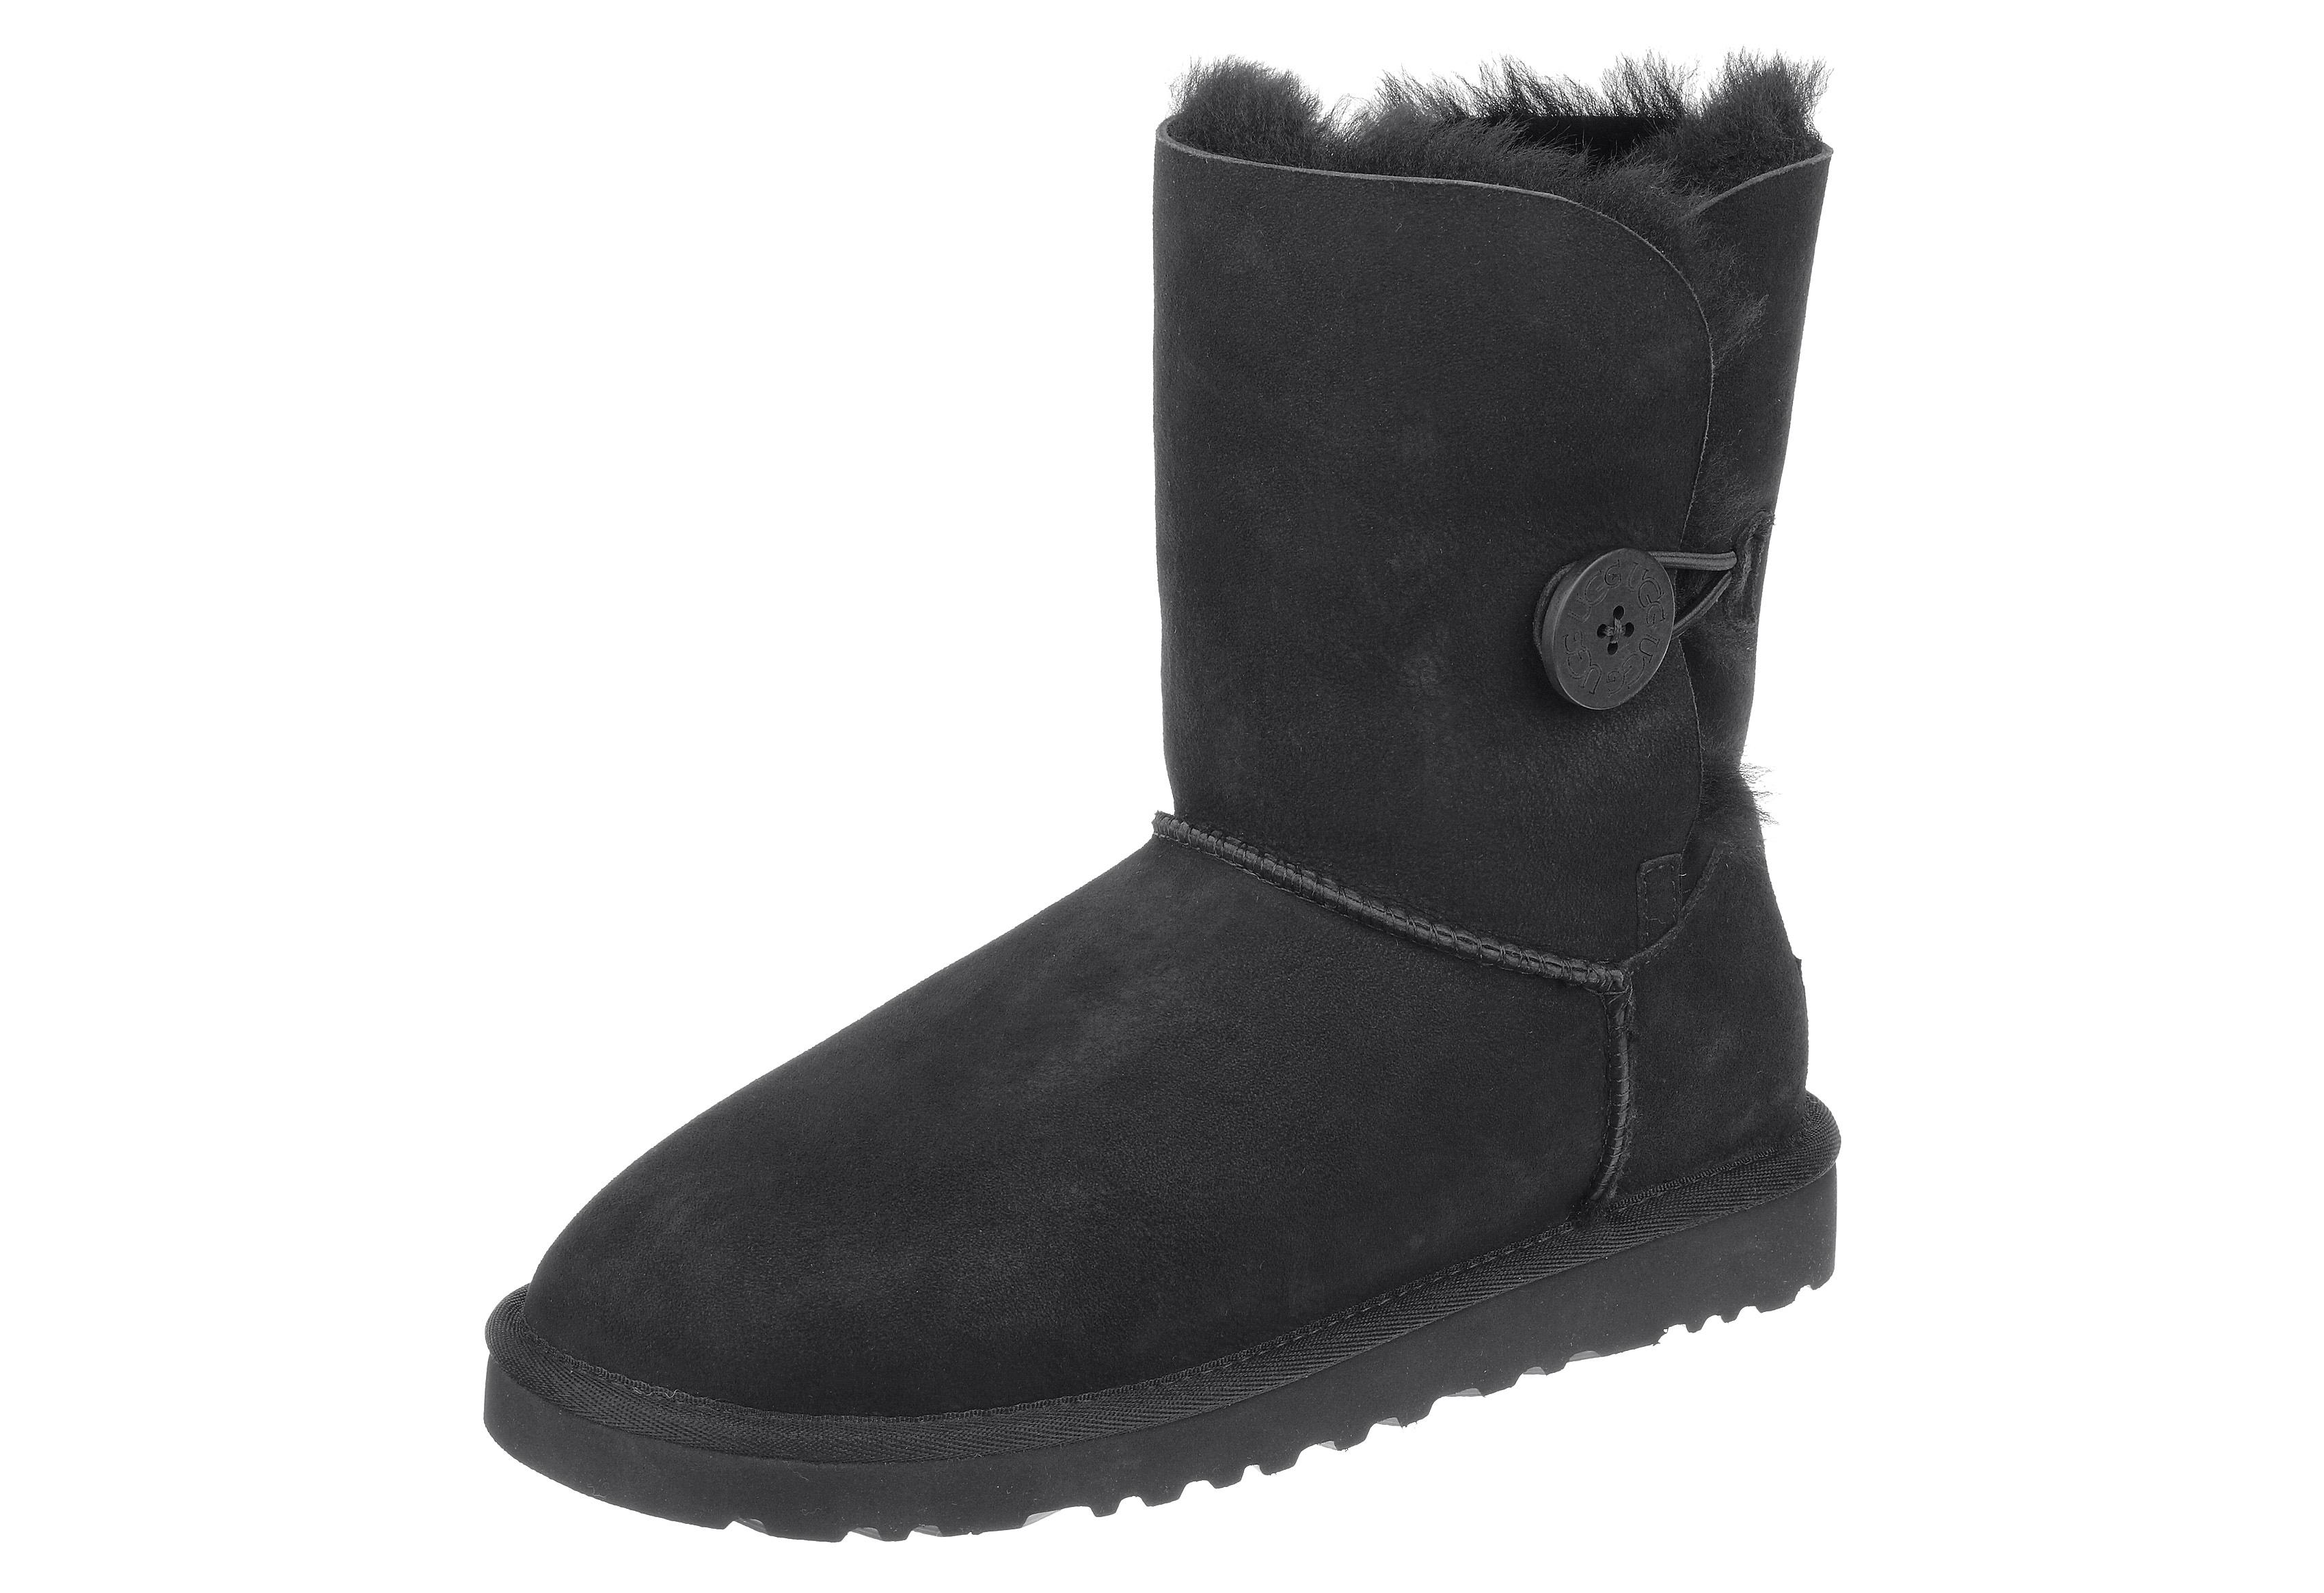 Ugg laarzen zonder sluiting »UGG Bailey Button 2« goedkoop op otto.nl kopen